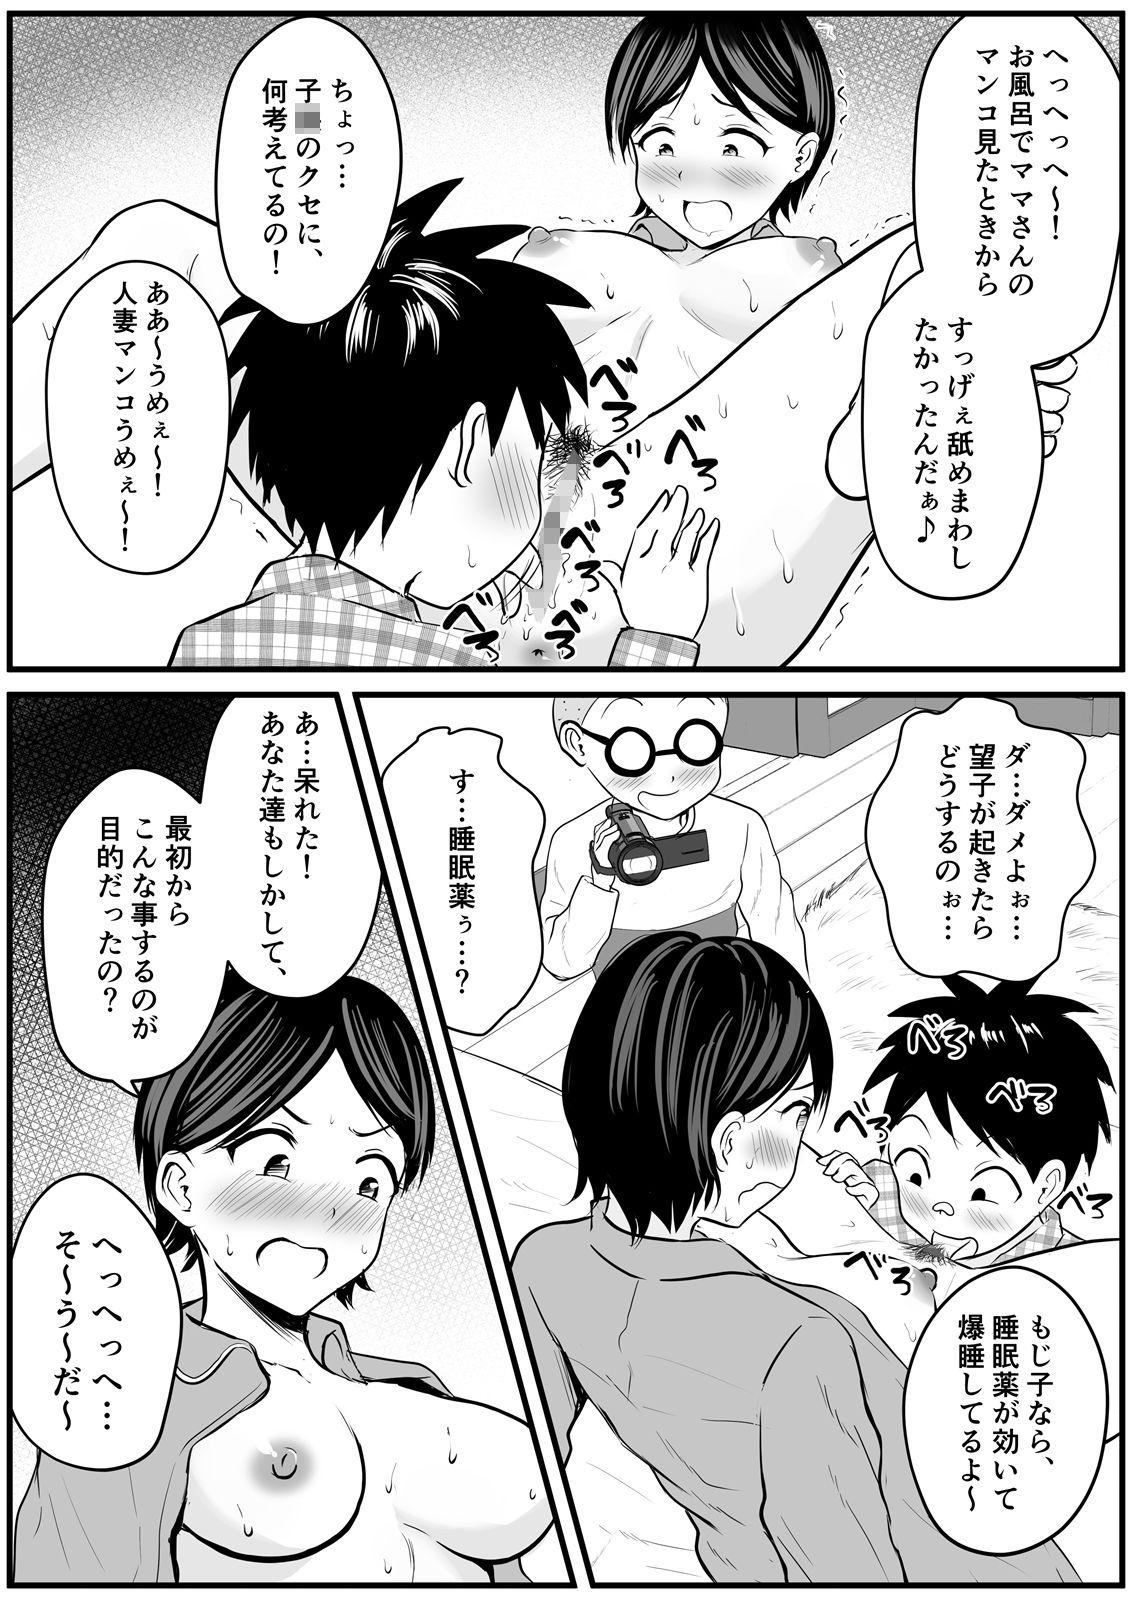 【エロ漫画無料大全集】綺麗な同級生のママをお薬使ってハメ撮りレイプ!!!